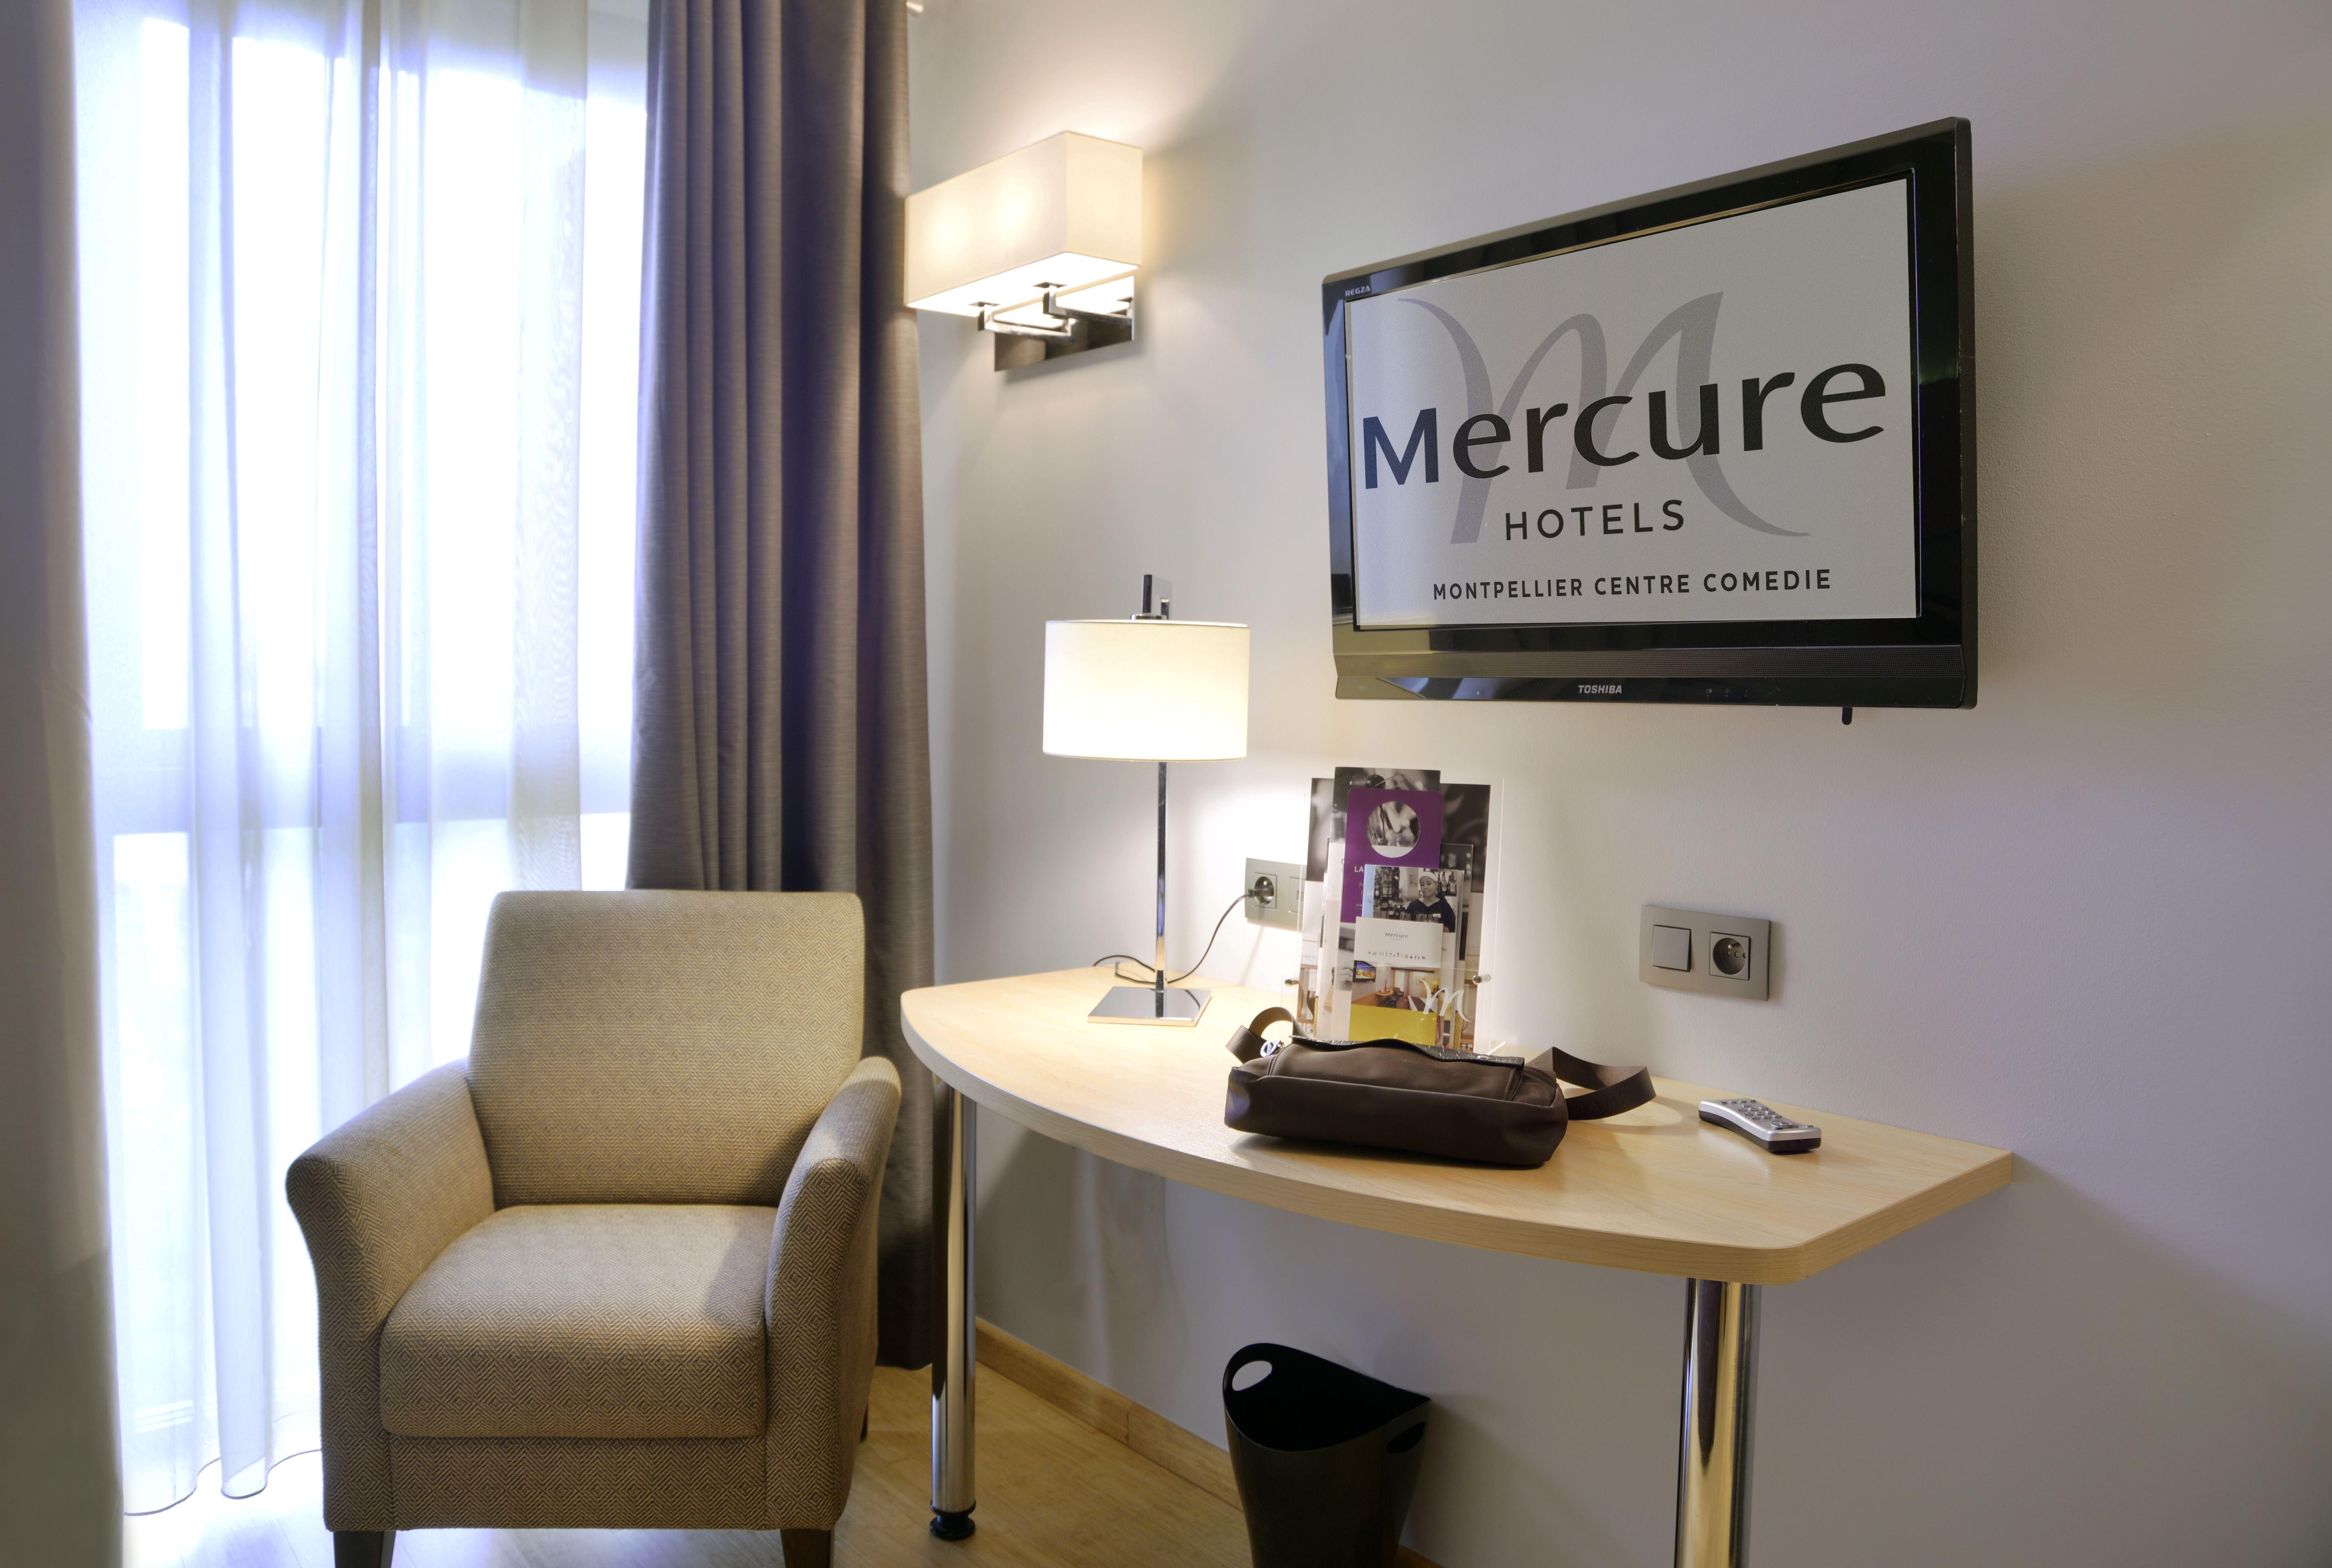 Mercure Montpellier Centre Comédie